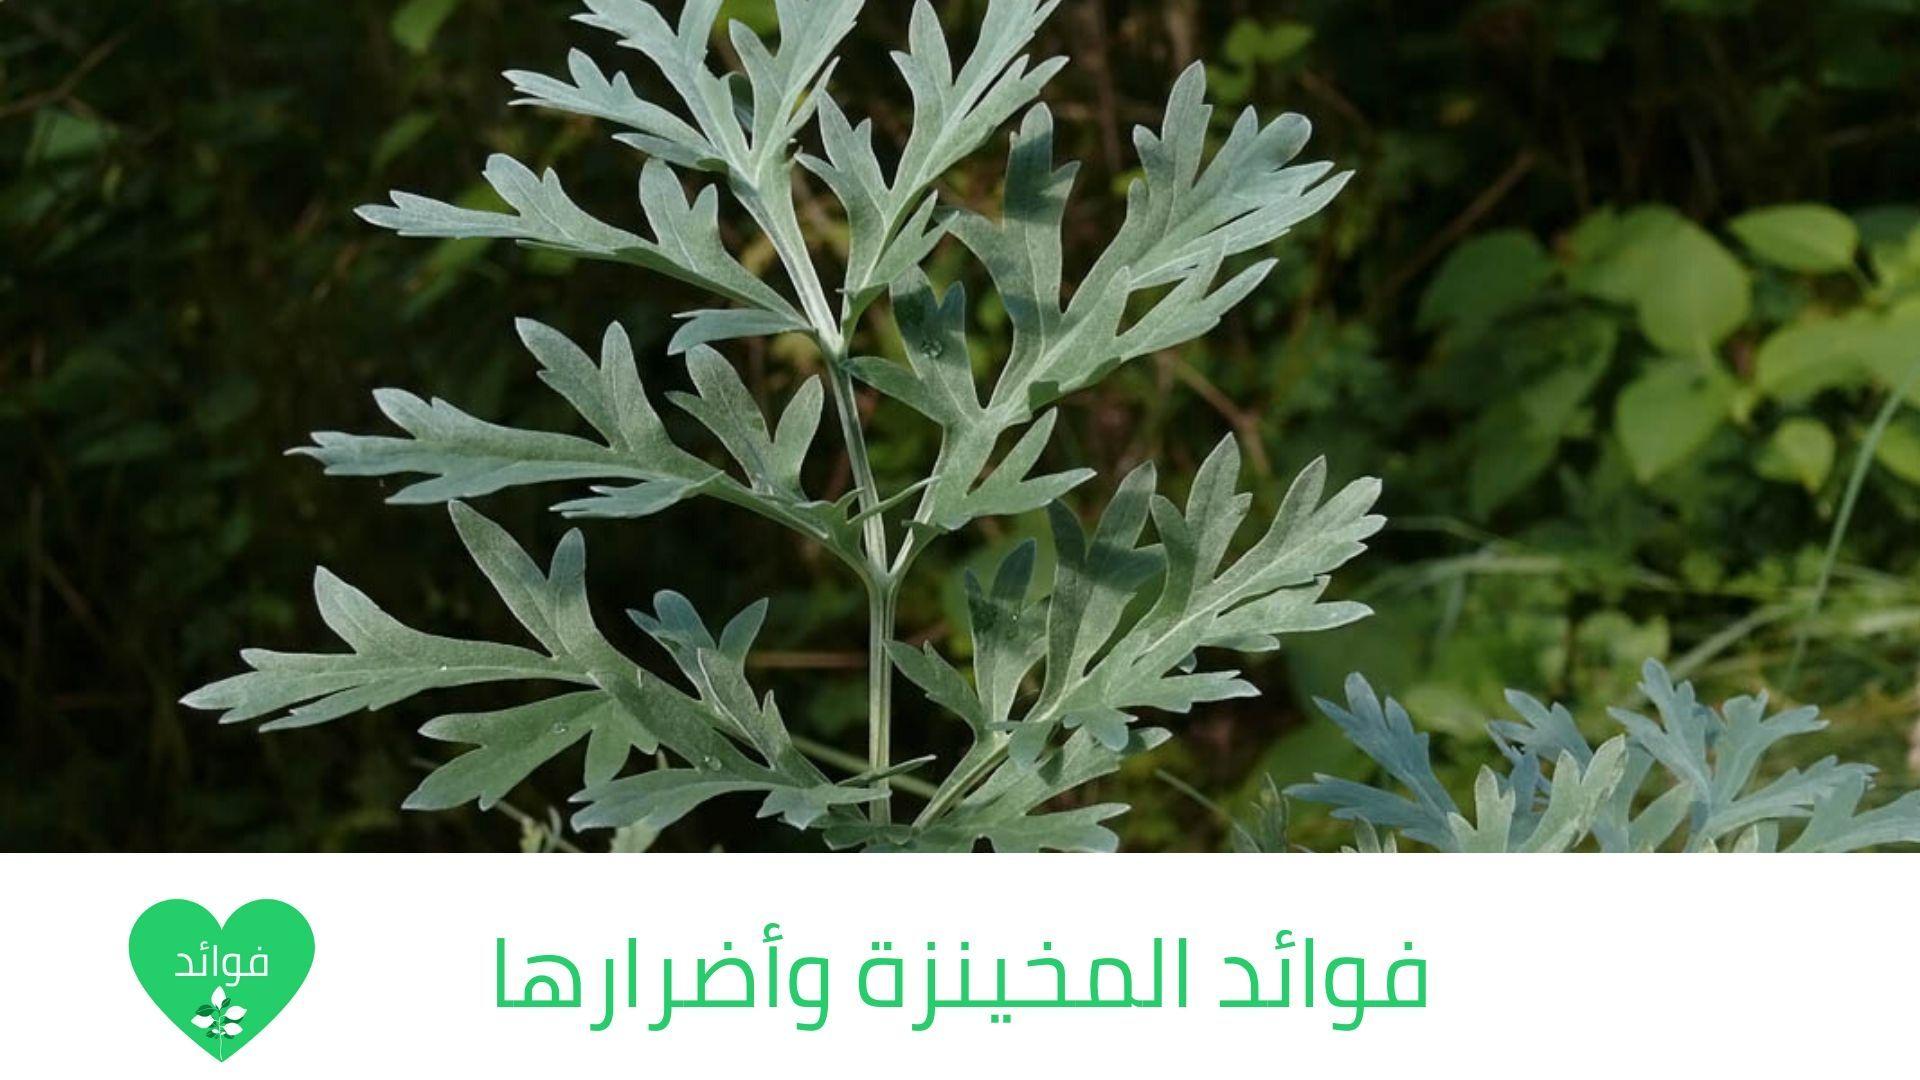 فوائد المخينزة وأضرارها واهم الاستخدامات لهذه النبته الرائعة Herbs Plants Parsley